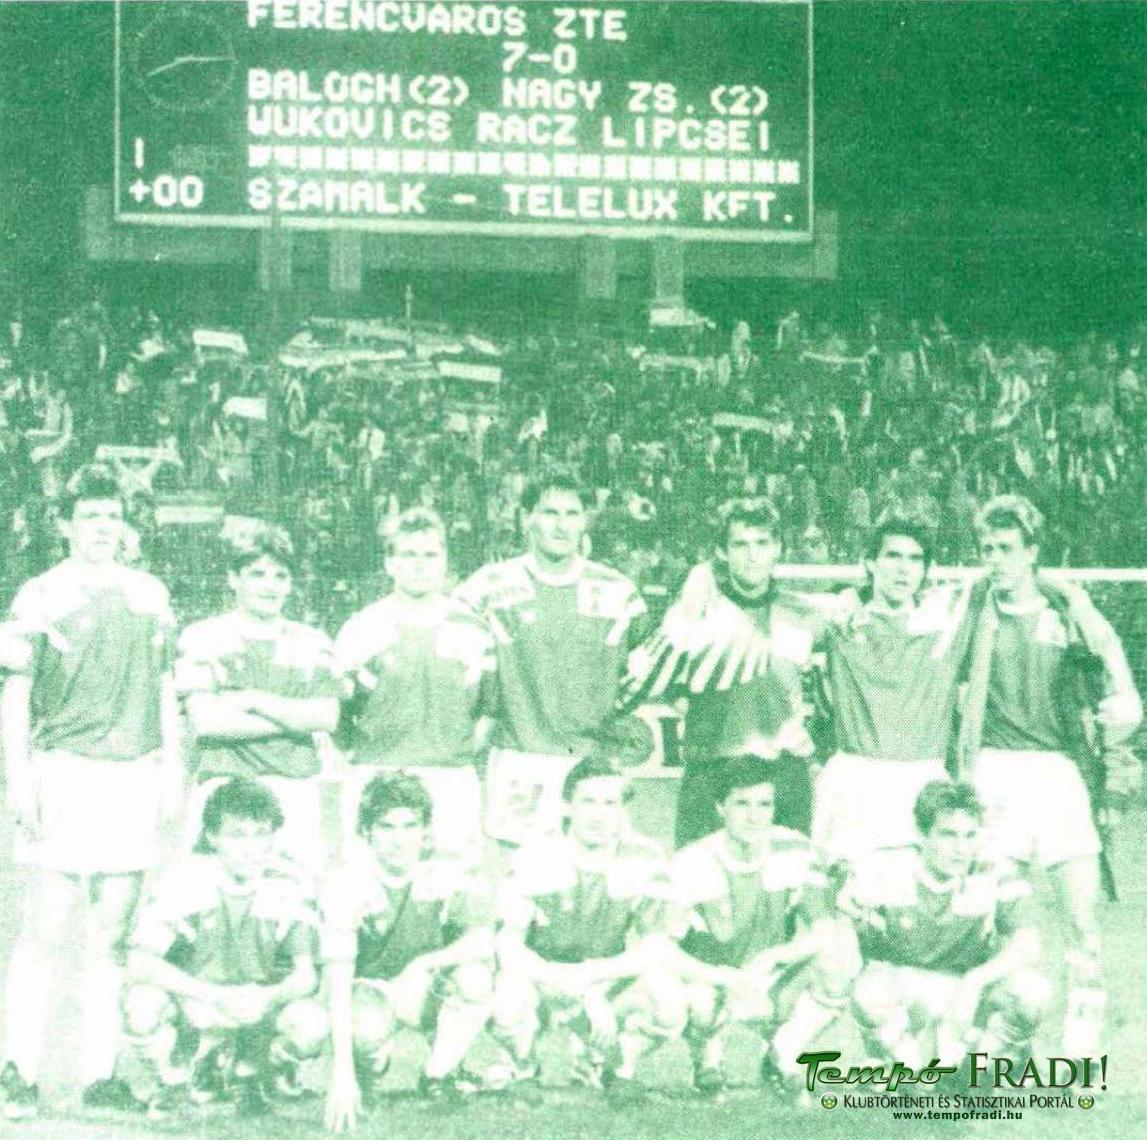 Állnak (balról): Szenes, Fodor, Simon T., Balogh G., Balogh T., Lipcsei, ifj. Albert. Elől: Nagy Zs., Wukovics, Kuznyecov, Szekeres, Telek